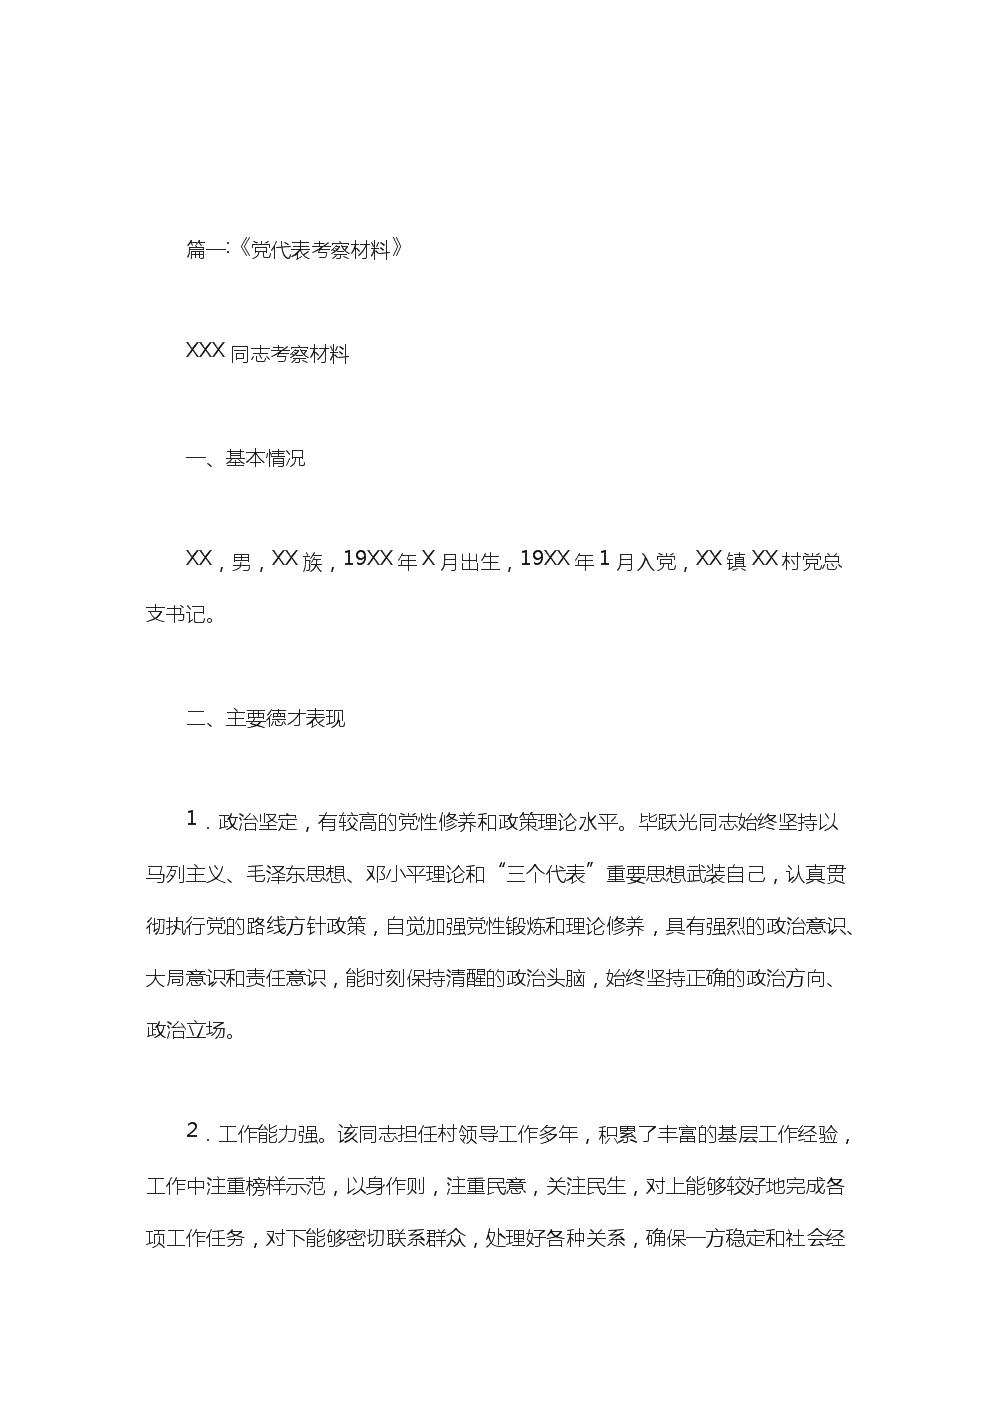 州党代表考察材料范文.doc